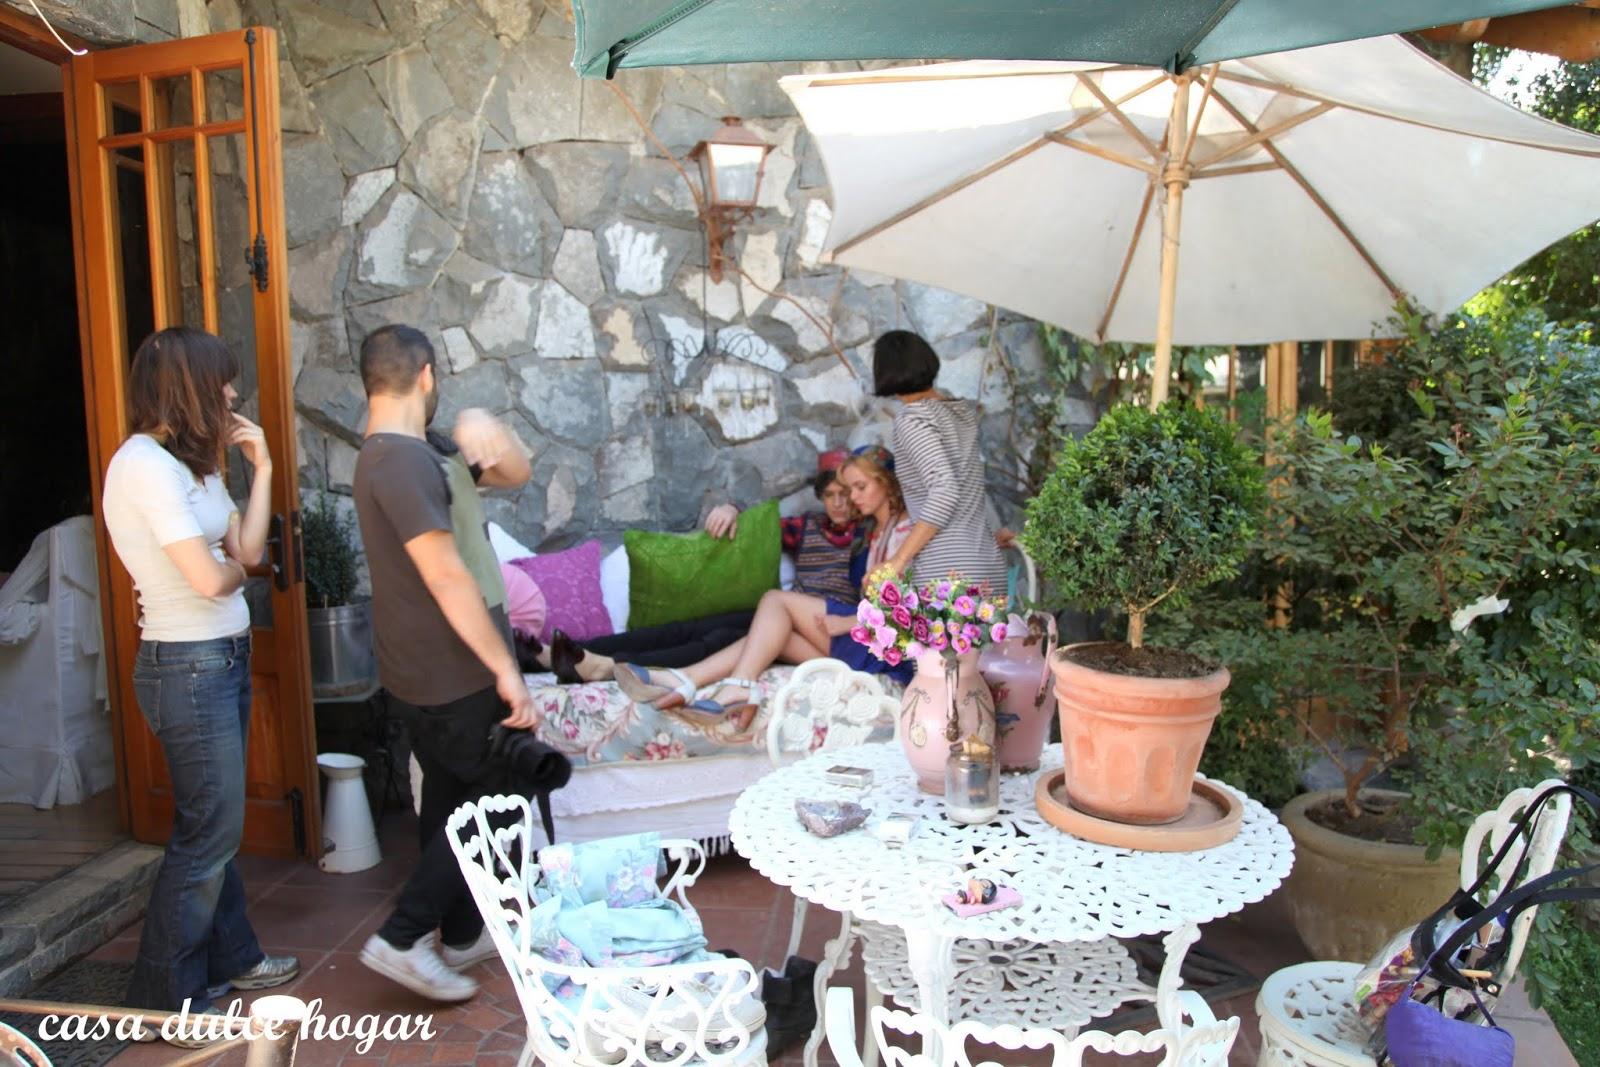 Casa dulce hogar producci n de fotos para moda en mi casa for Casa y jardin bazaar 2013